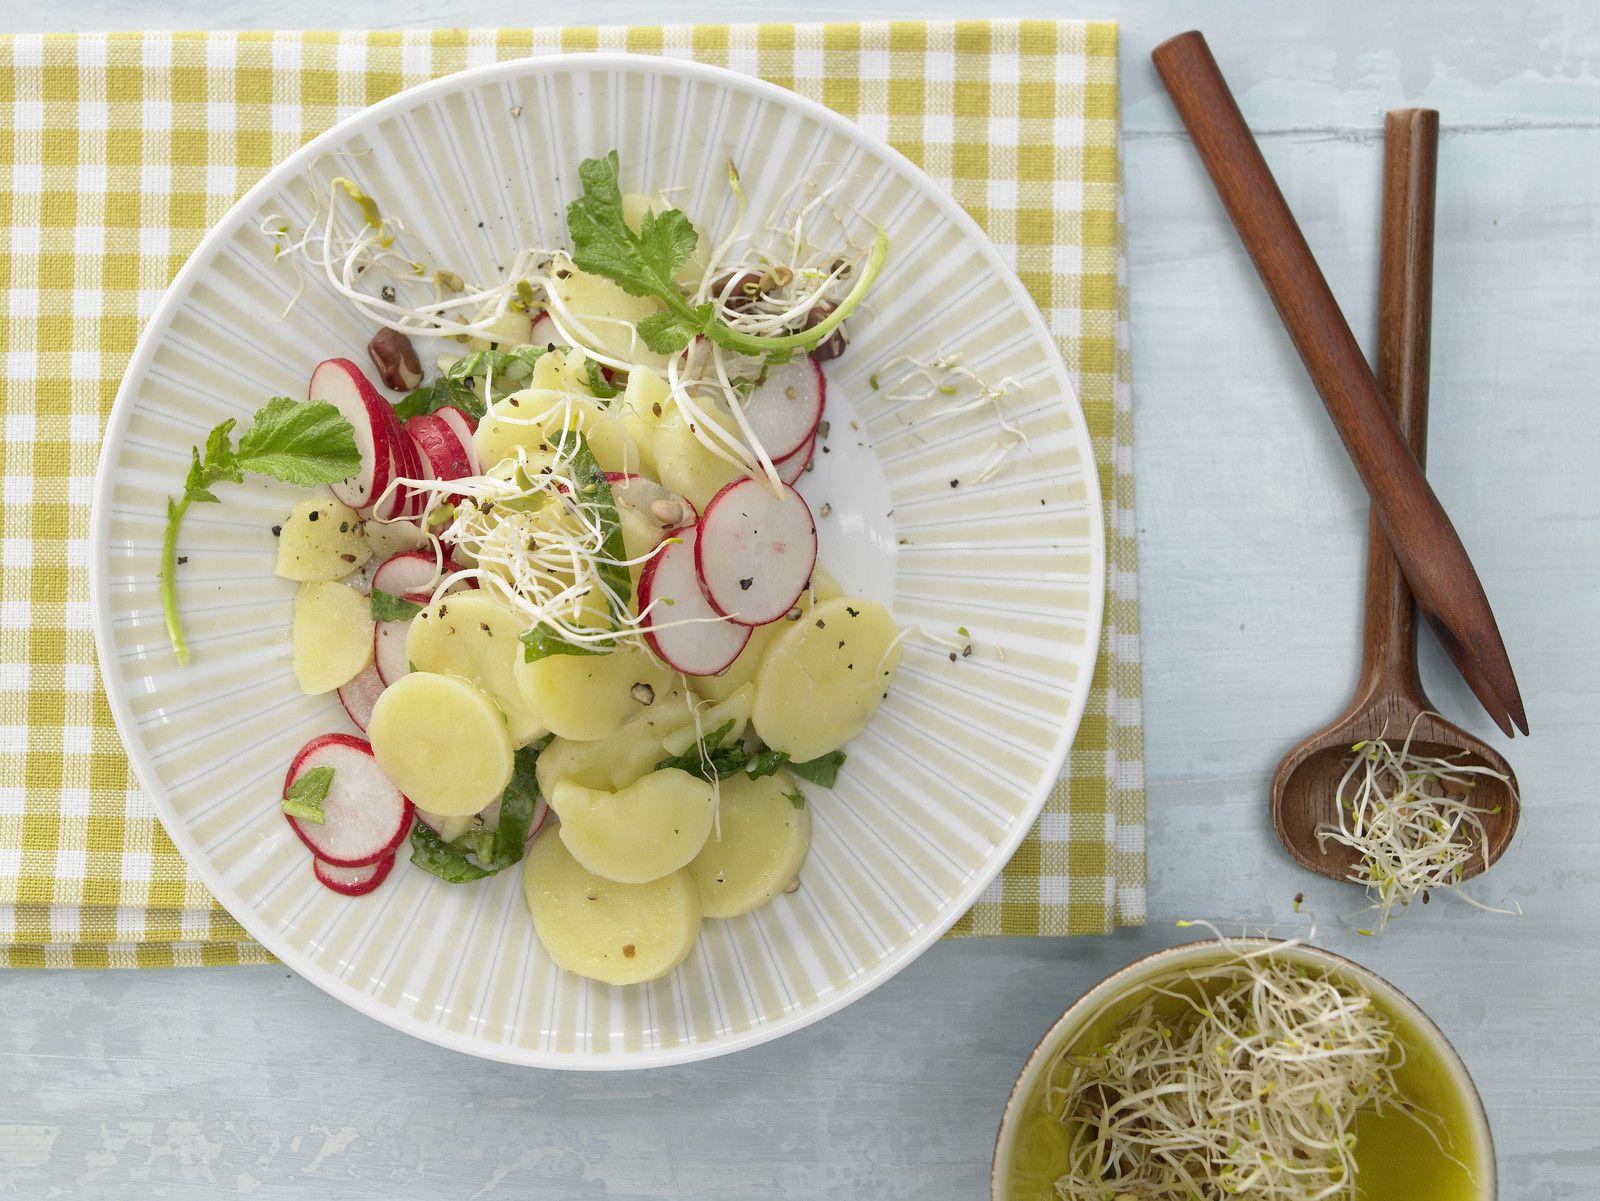 Kartoffel Kcal kartoffel radieschen salat rezept eat smarter